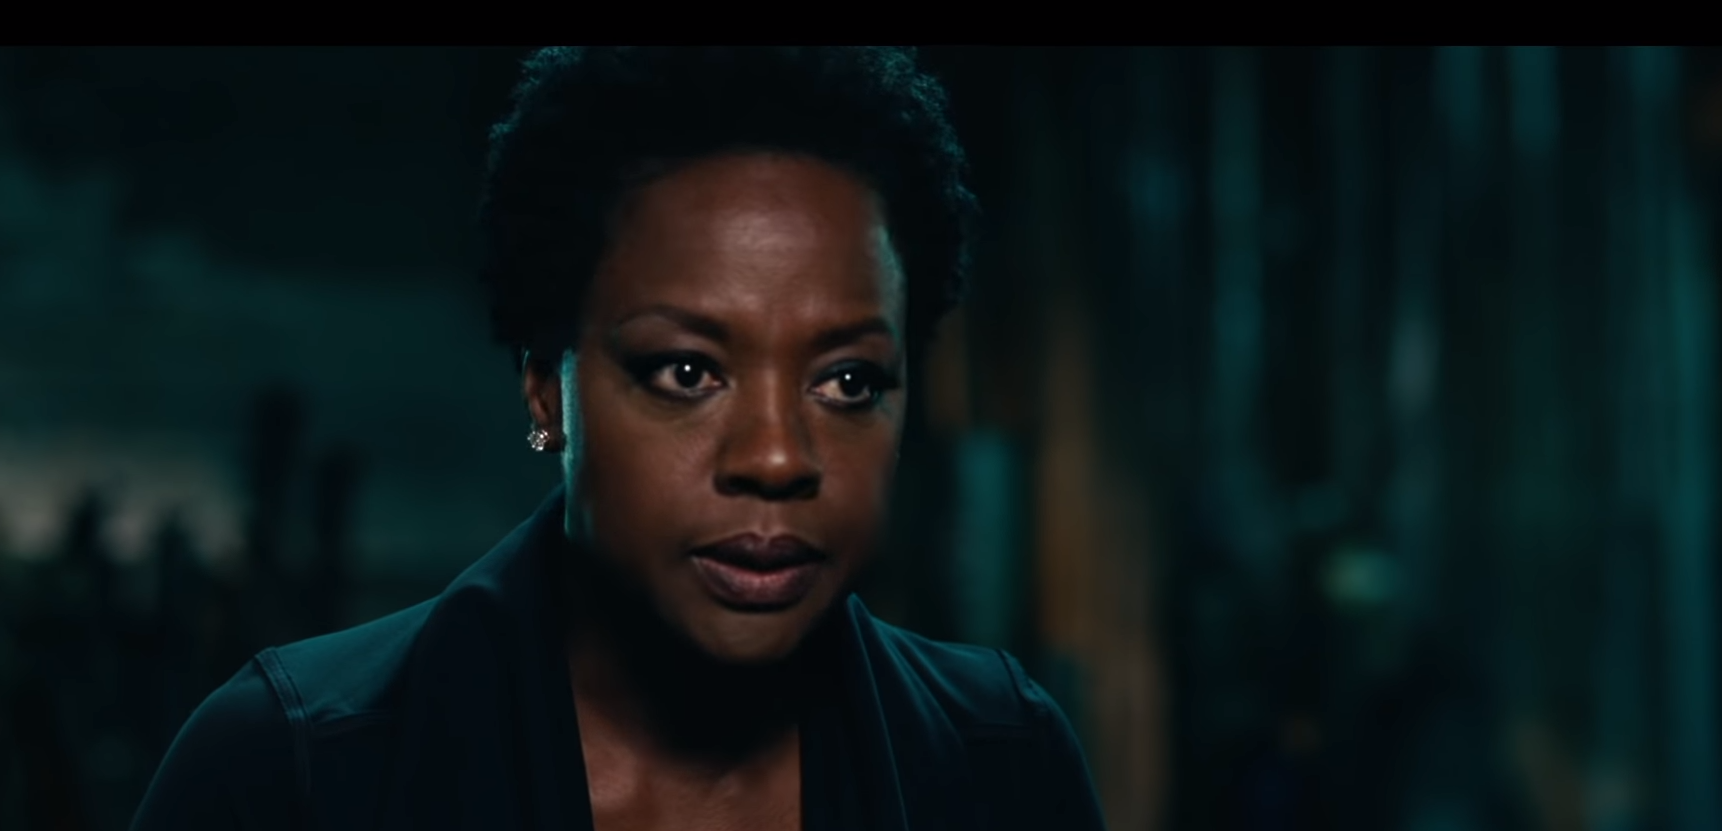 """Trailer Watch: Viola Davis Plots a Heist in """"Widows"""""""